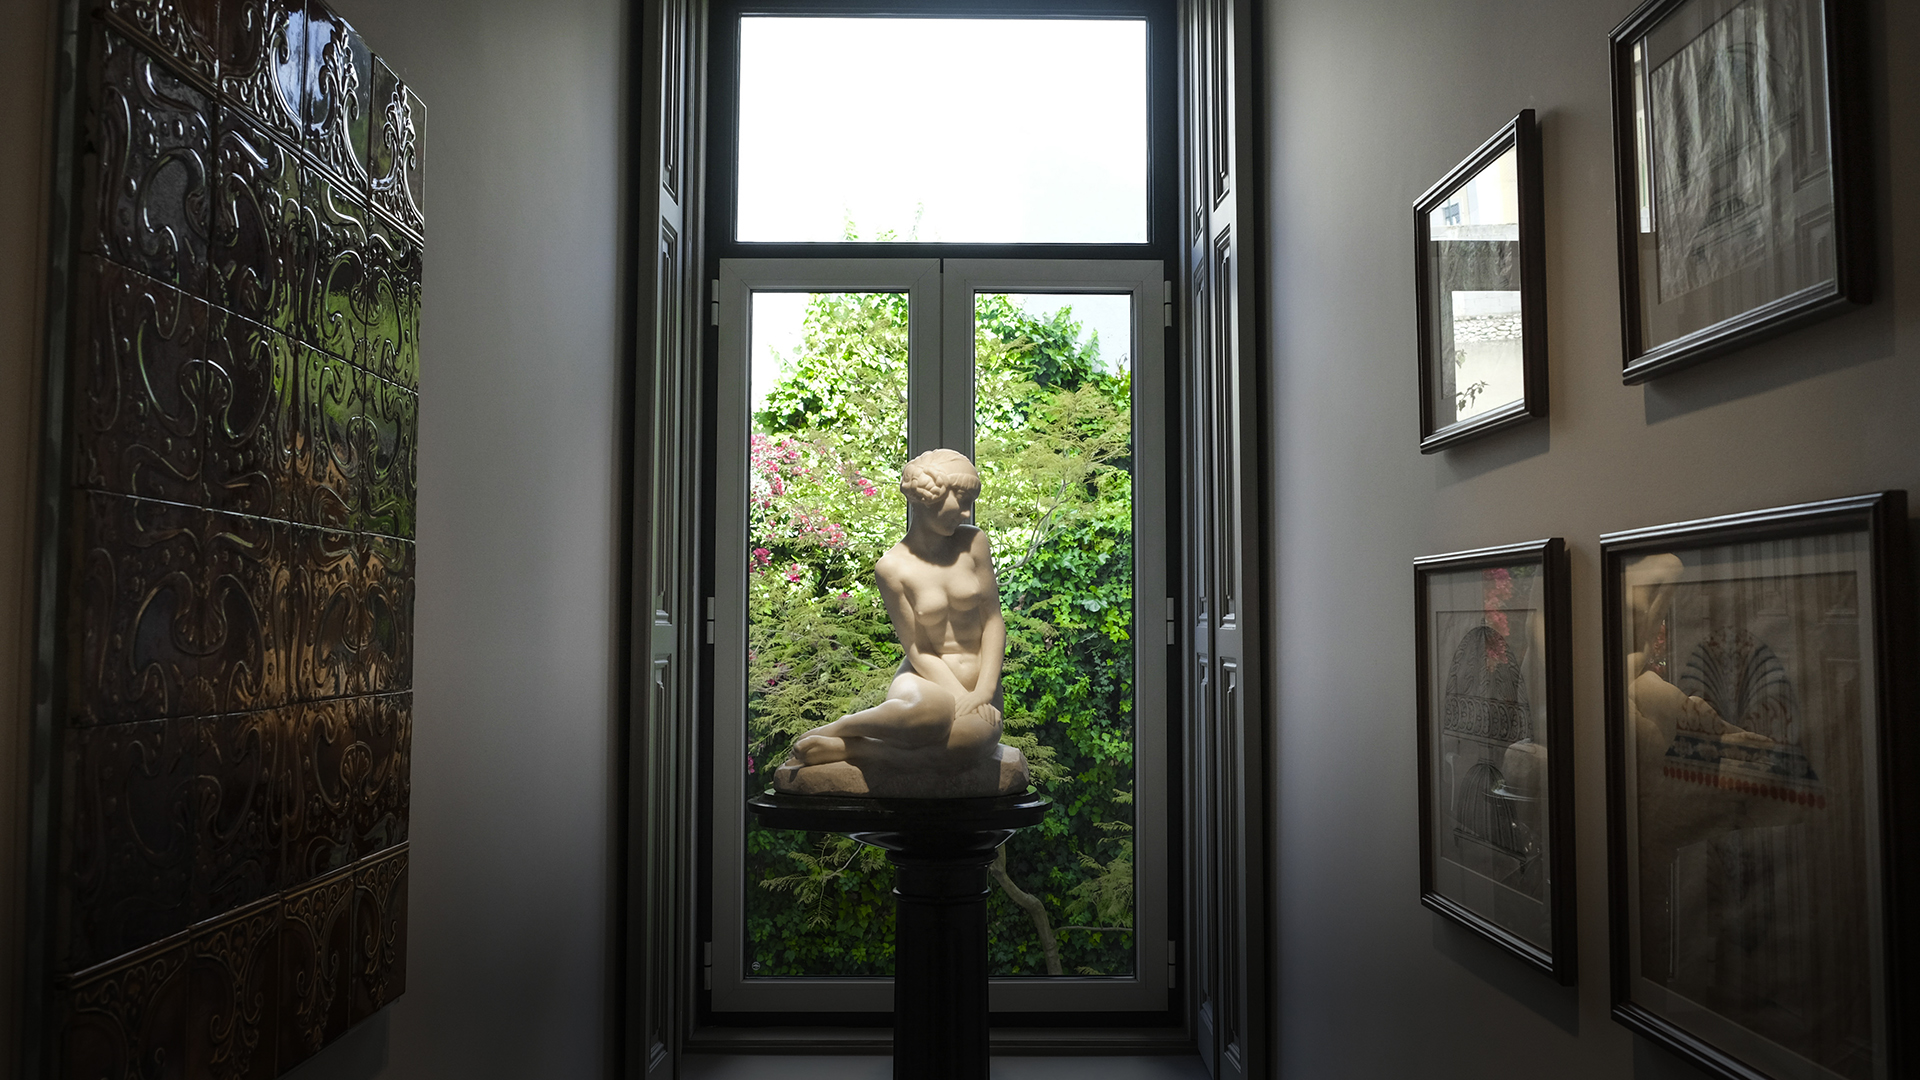 O novo museu Berardo abriu em Lisboa (veja as nossas imagens exclusivas)